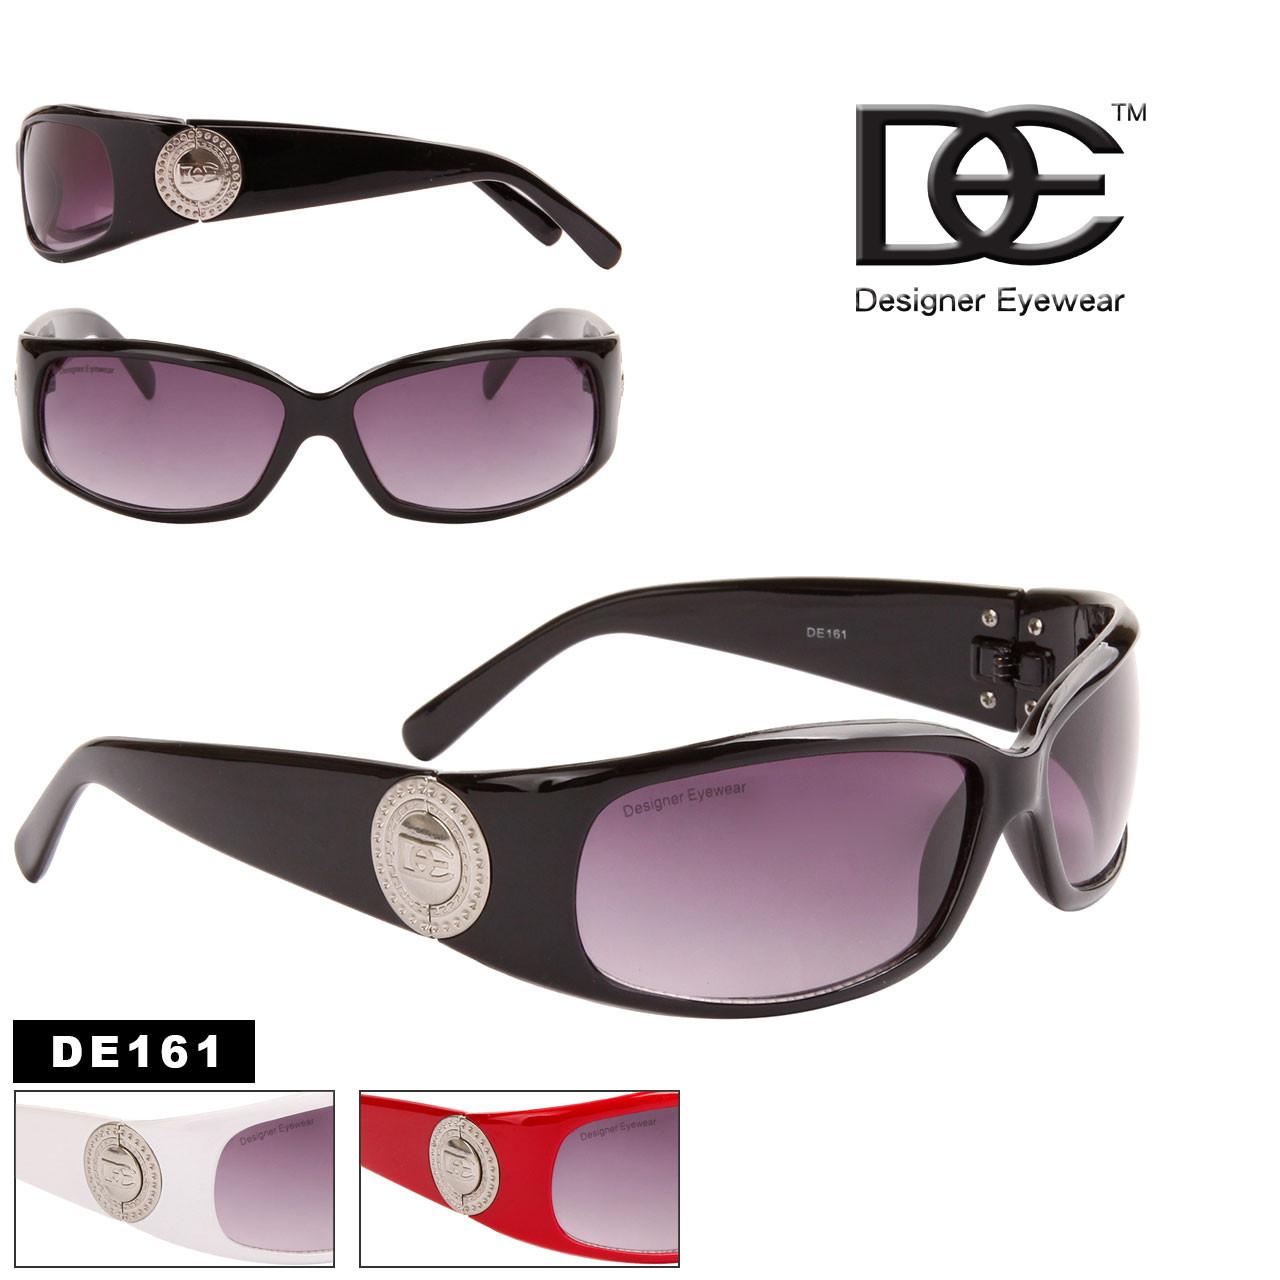 b850385a701a DE™ Wholesale Designer Sunglasses - Style  DE161